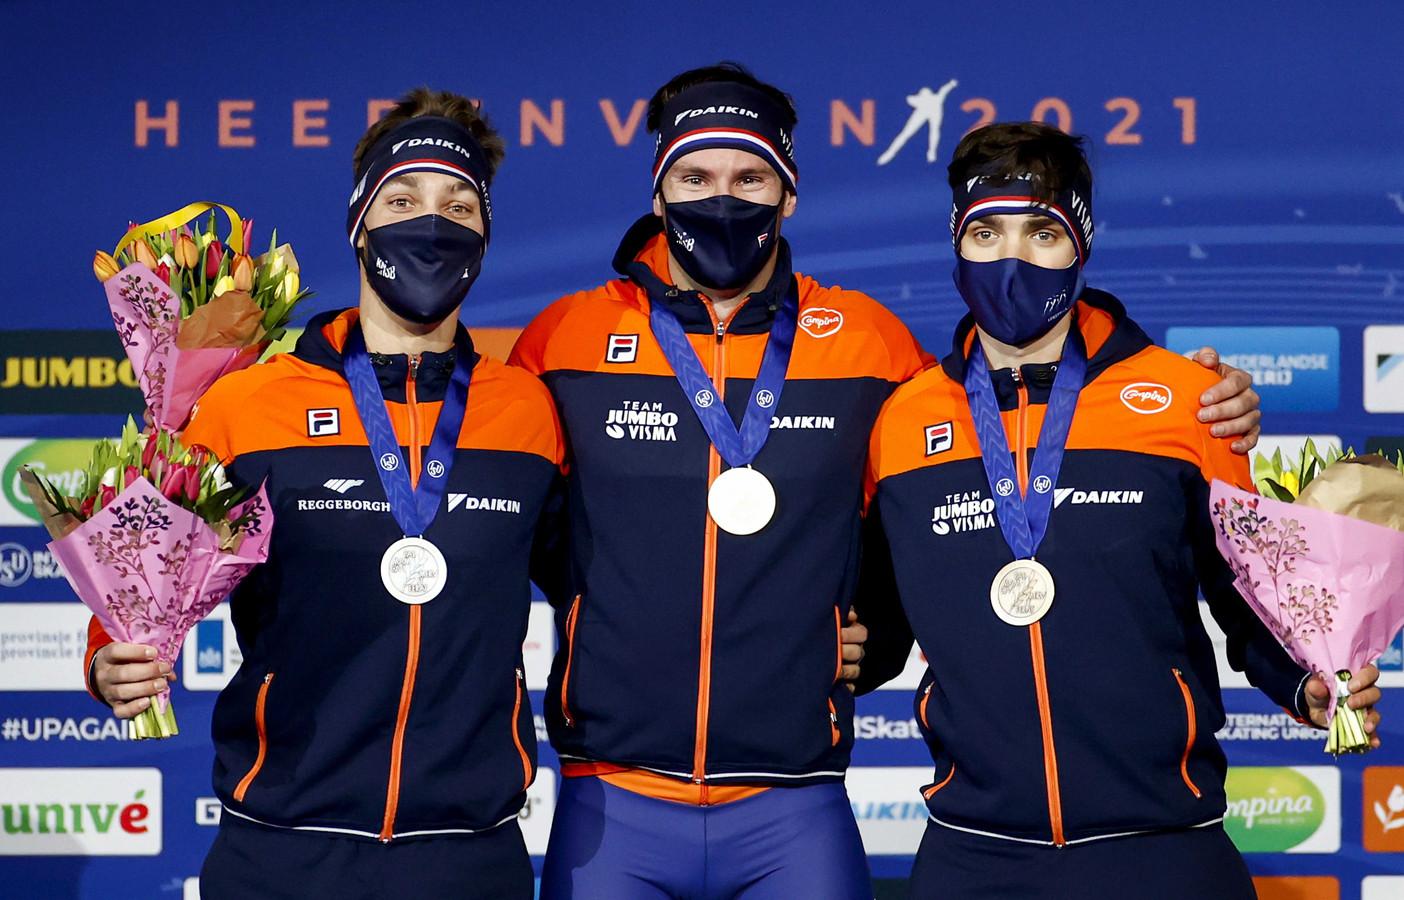 De schaatsers stonden in Heerenveen met mondkapjes op het podium.